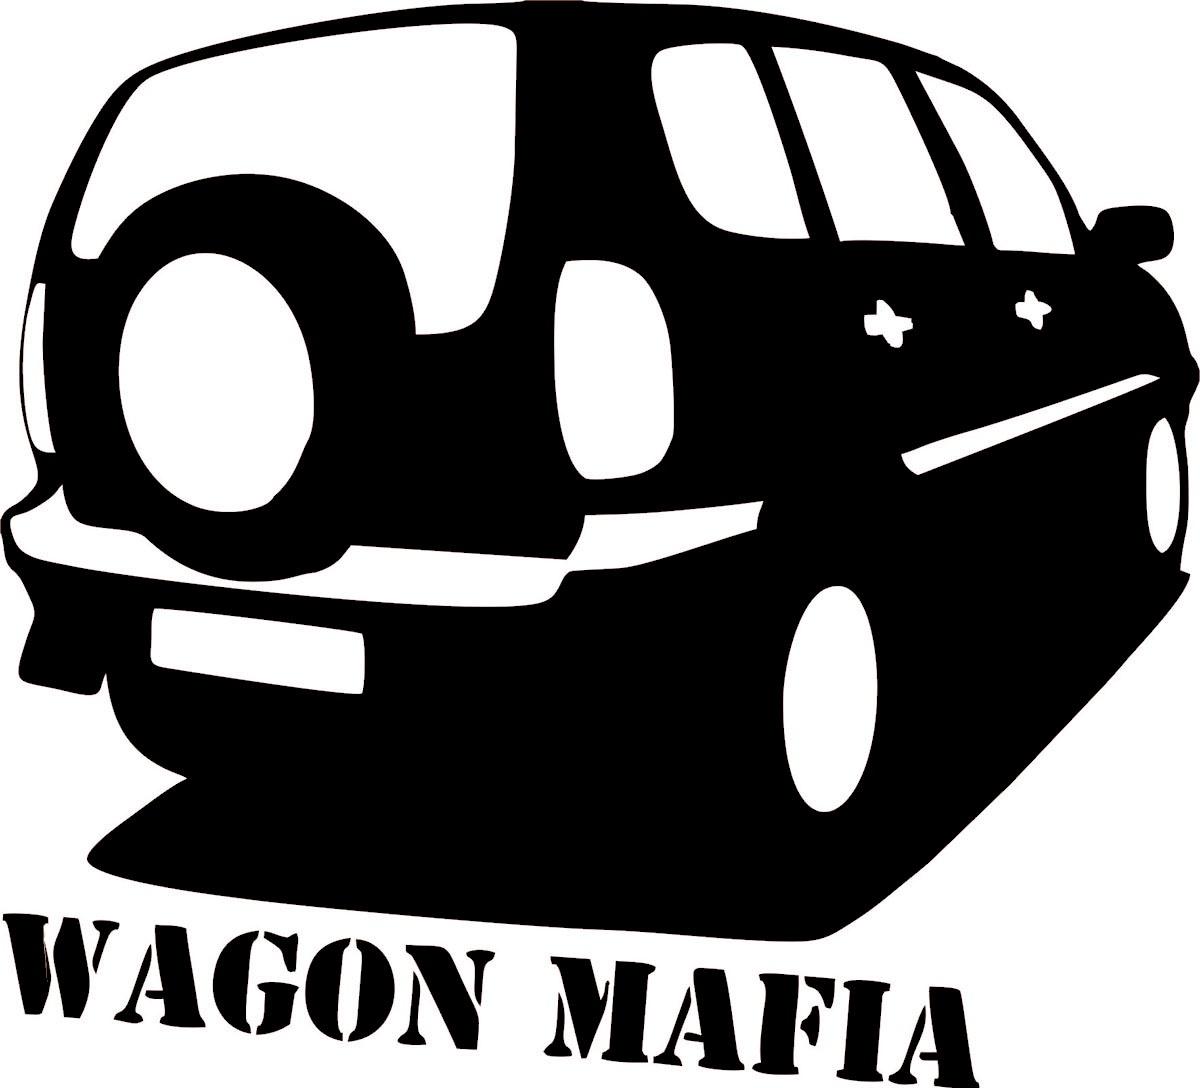 Фото - Наклейка ОранжевыйСлоник виниловая вагон мафия для авто или интерьера, Винил авто